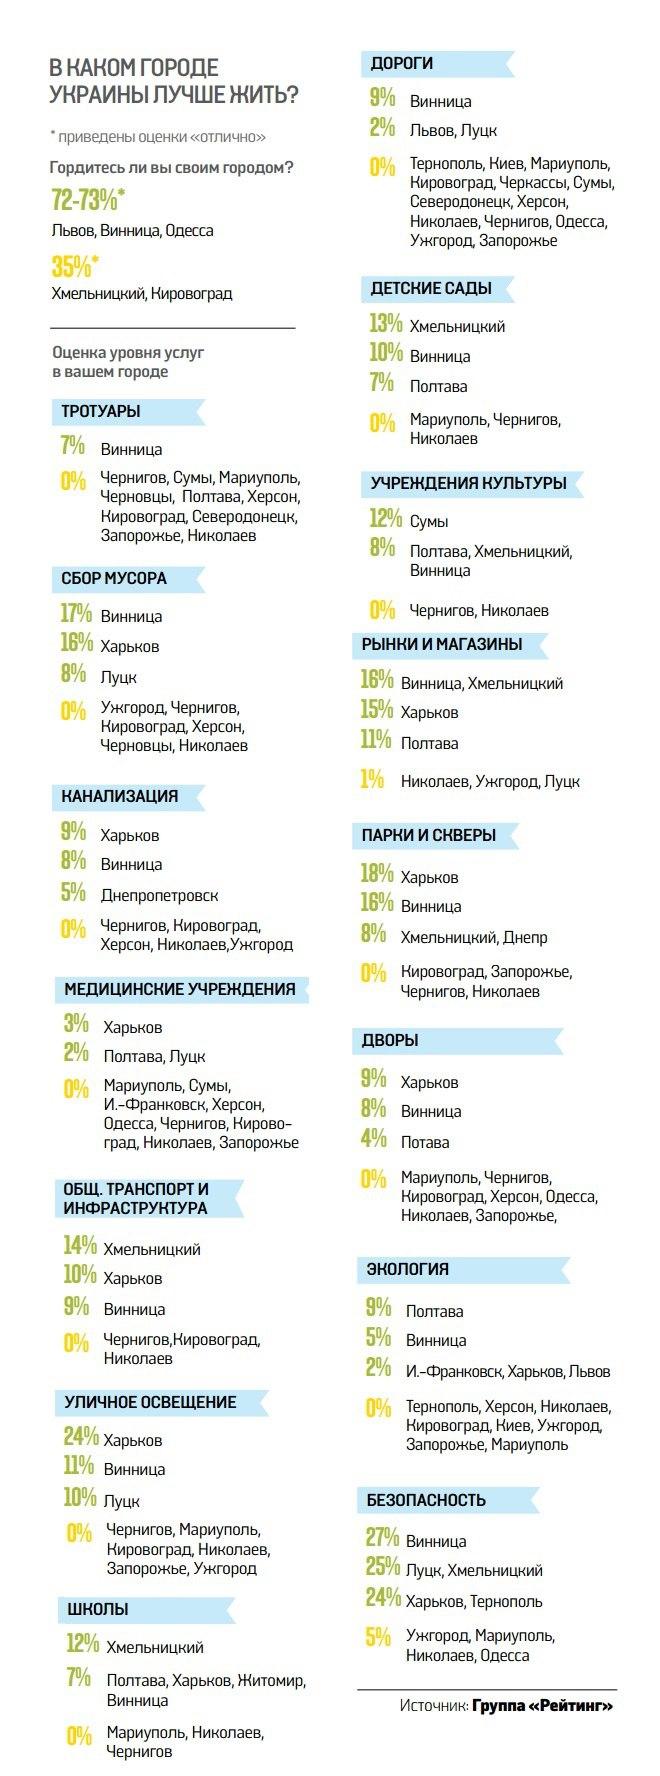 Где в Украине лучшие дороги и больницы. Инфографика. Фото 1